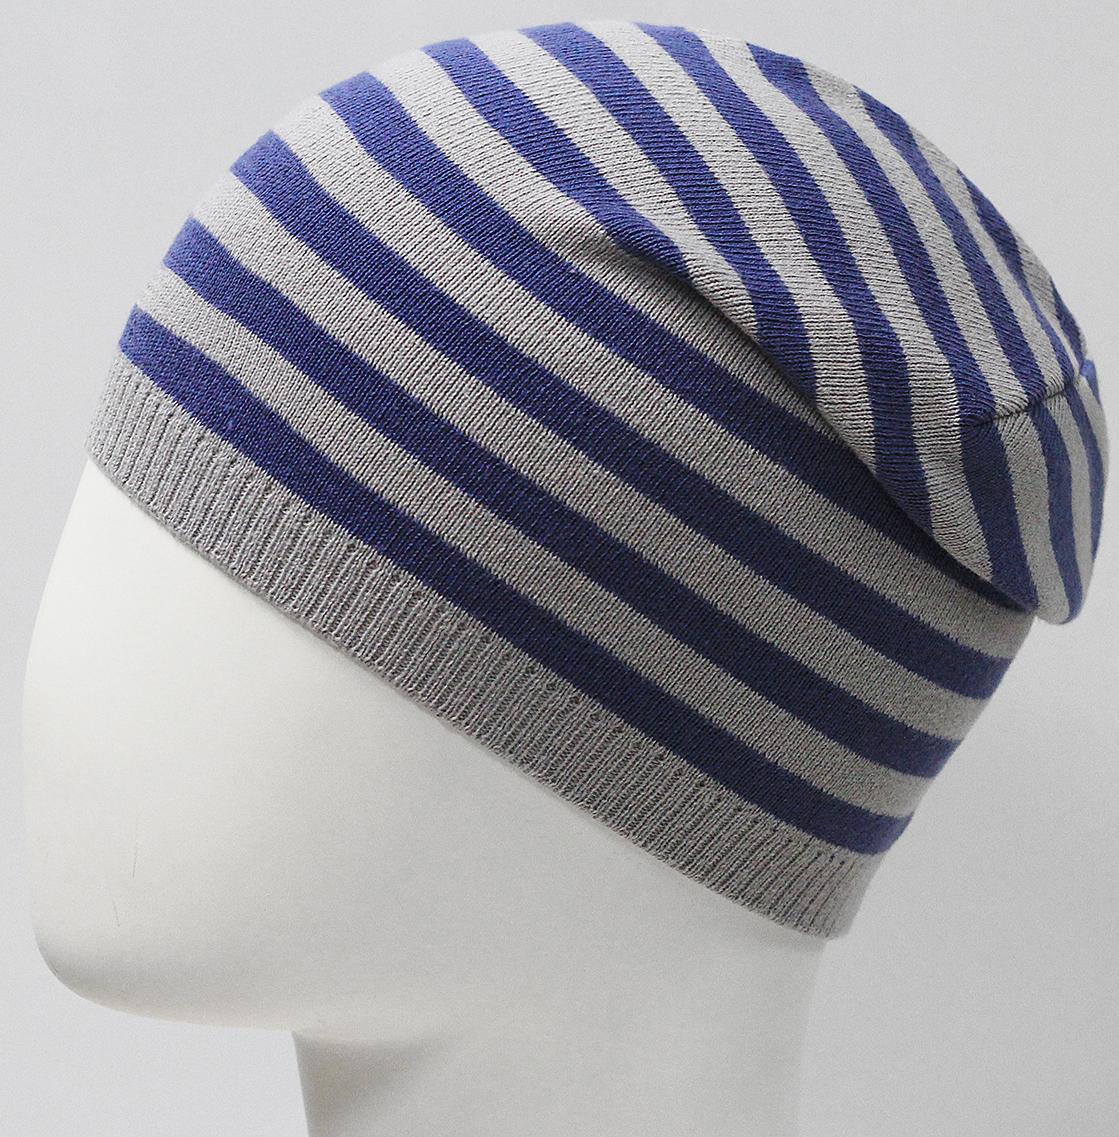 Шапка для мальчика Marhatter, цвет: синий. MBH7533. Размер 50/52MBH7533Хлопковая шапка для мальчиков с контрастным сочетанием полос. Прекрасно подойдет для повседневных прогулок. Размер, доступный для заказа, является обхватом головы.